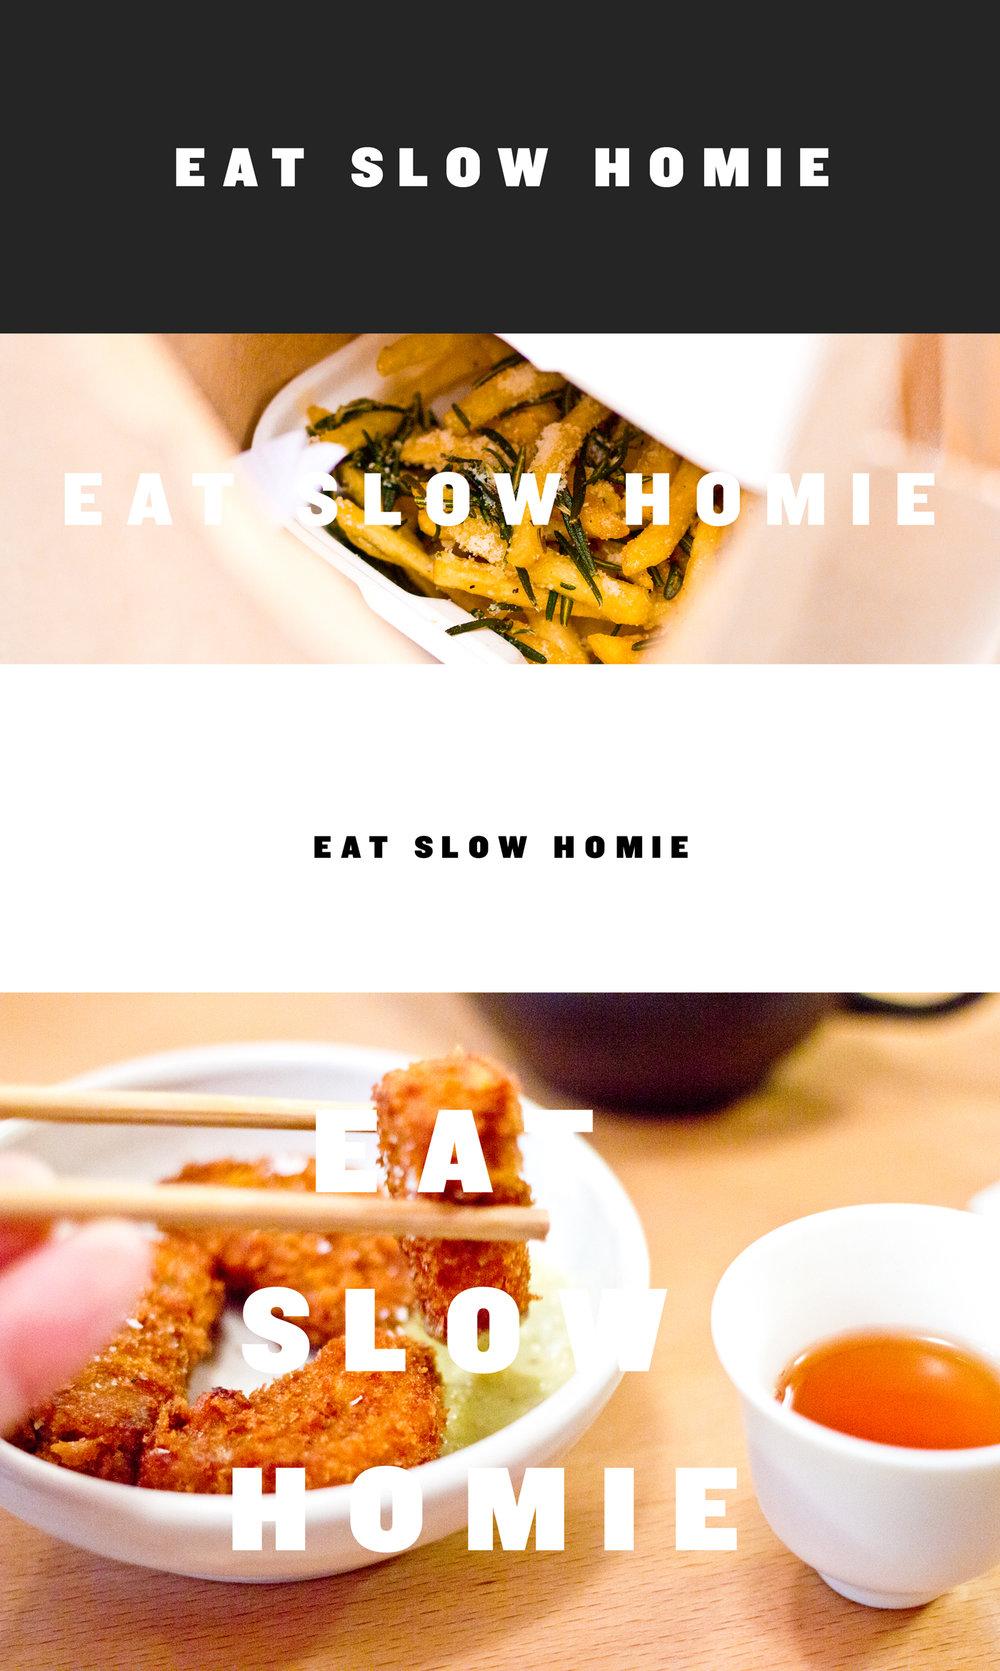 eat-slow-homie.jpg